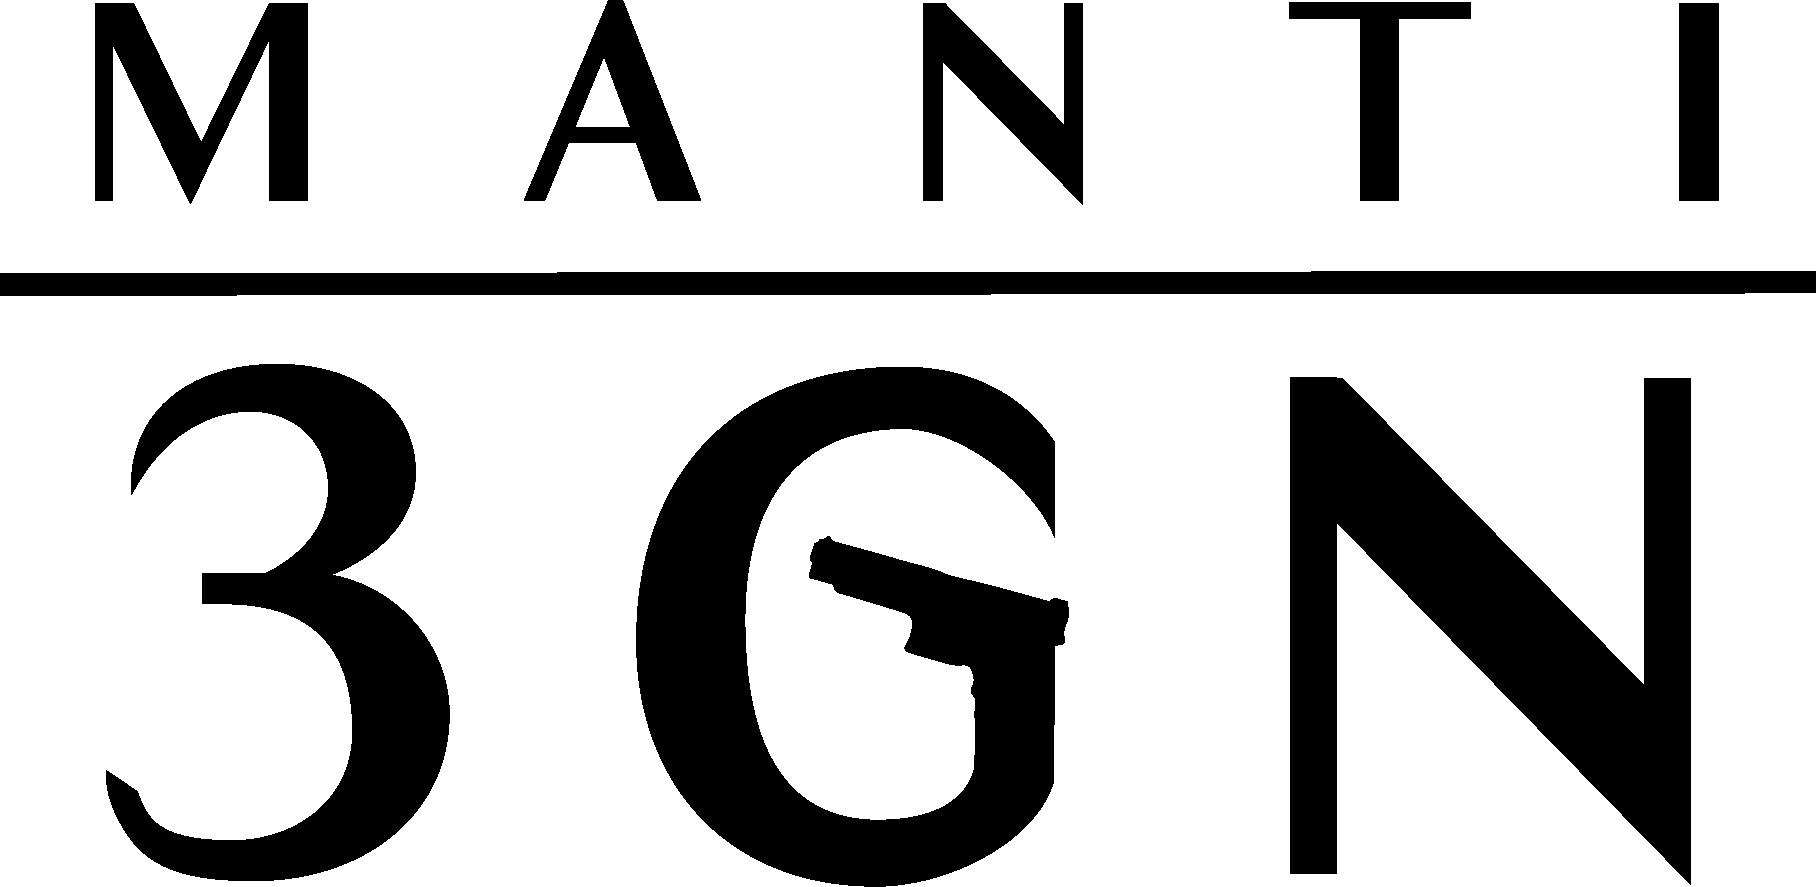 Utah 3gun